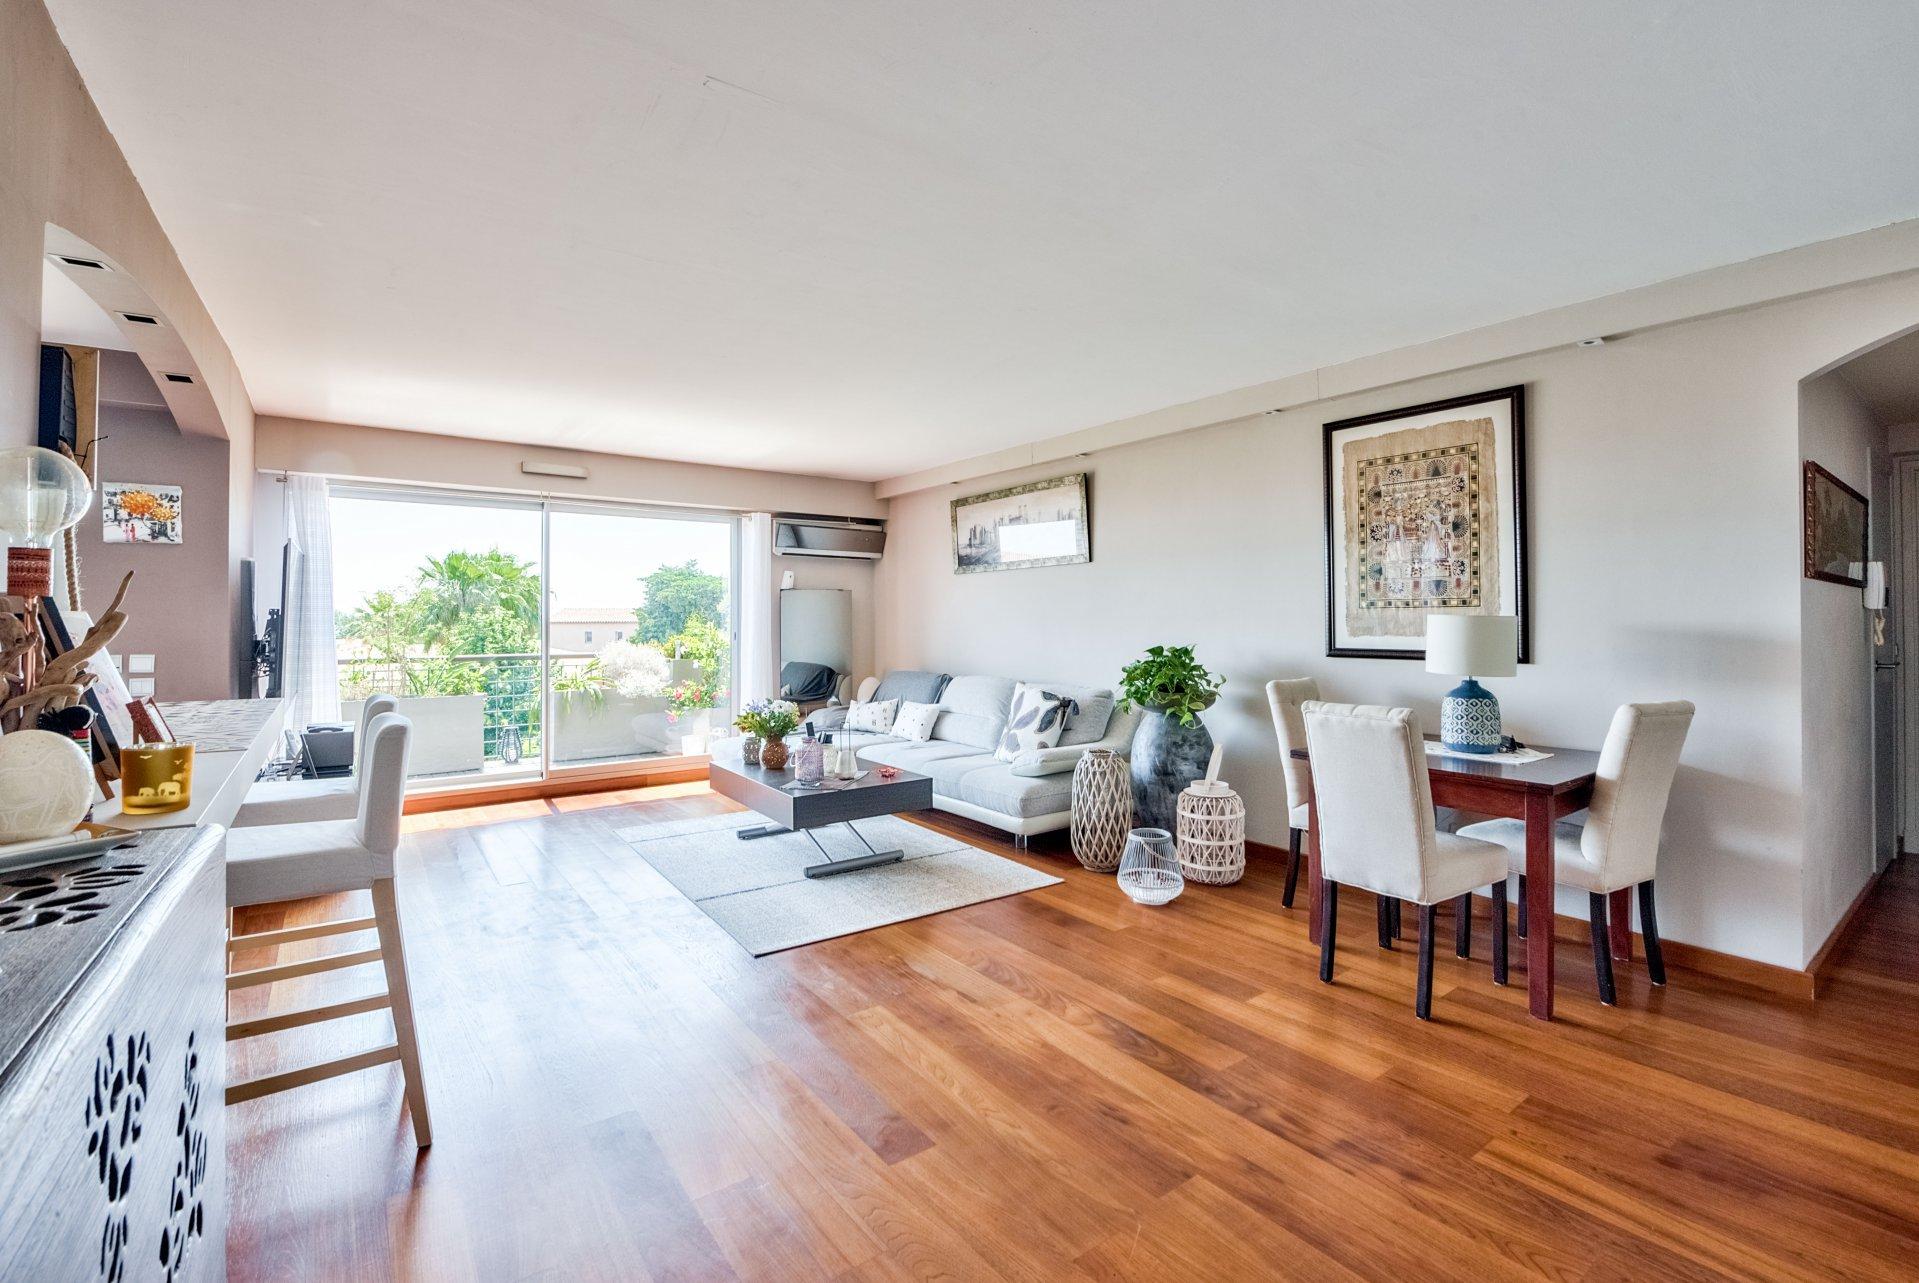 BIOT - La Chèvre d'Or - Apartment 4 rooms 107 m²- sea view